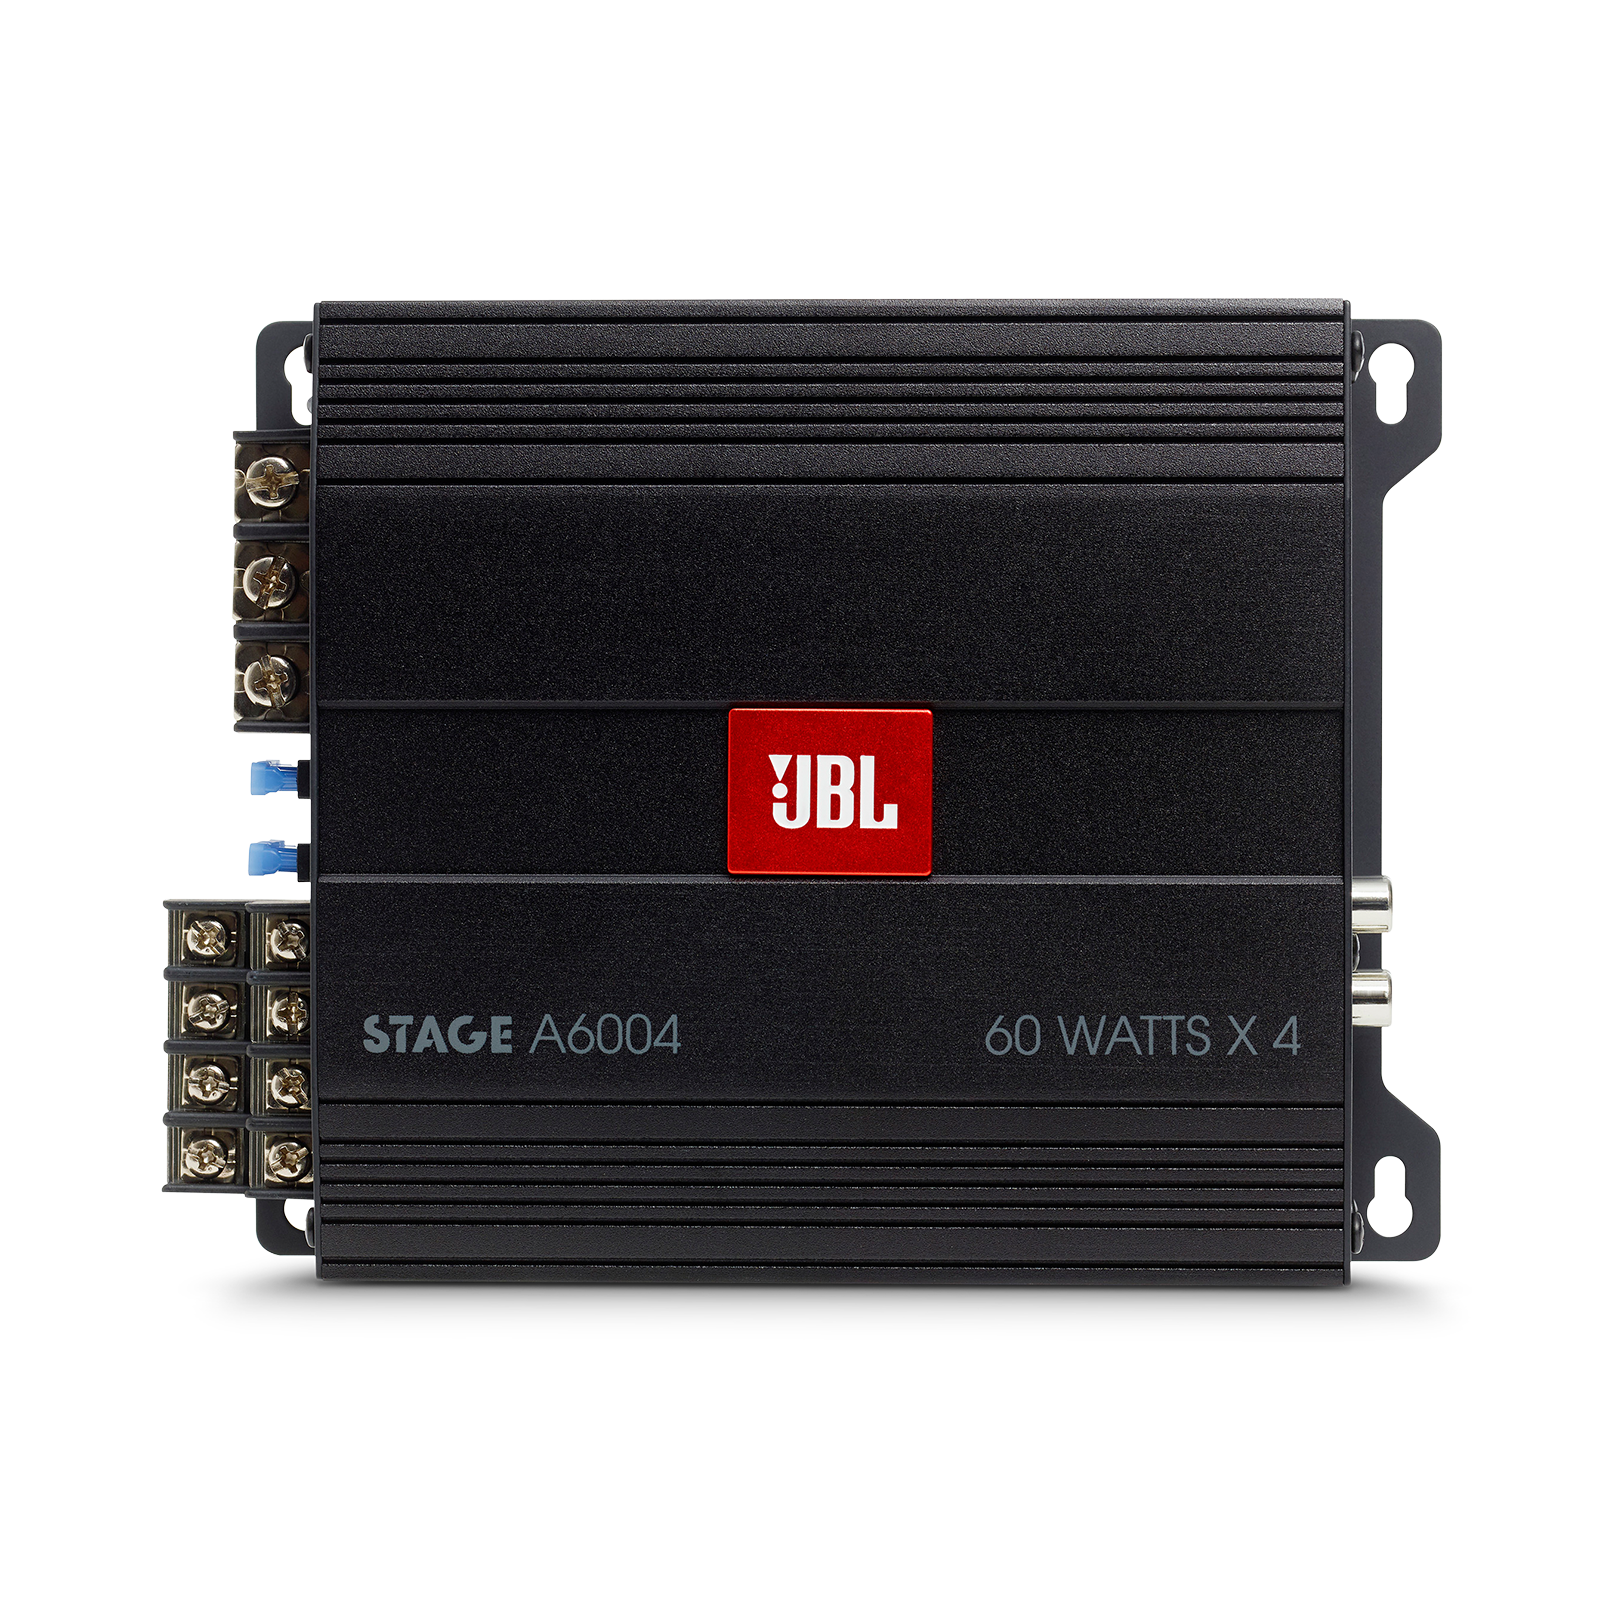 JBL Stage Amplifier A6004 - Black - Class D Car Audio Amplifier - Front